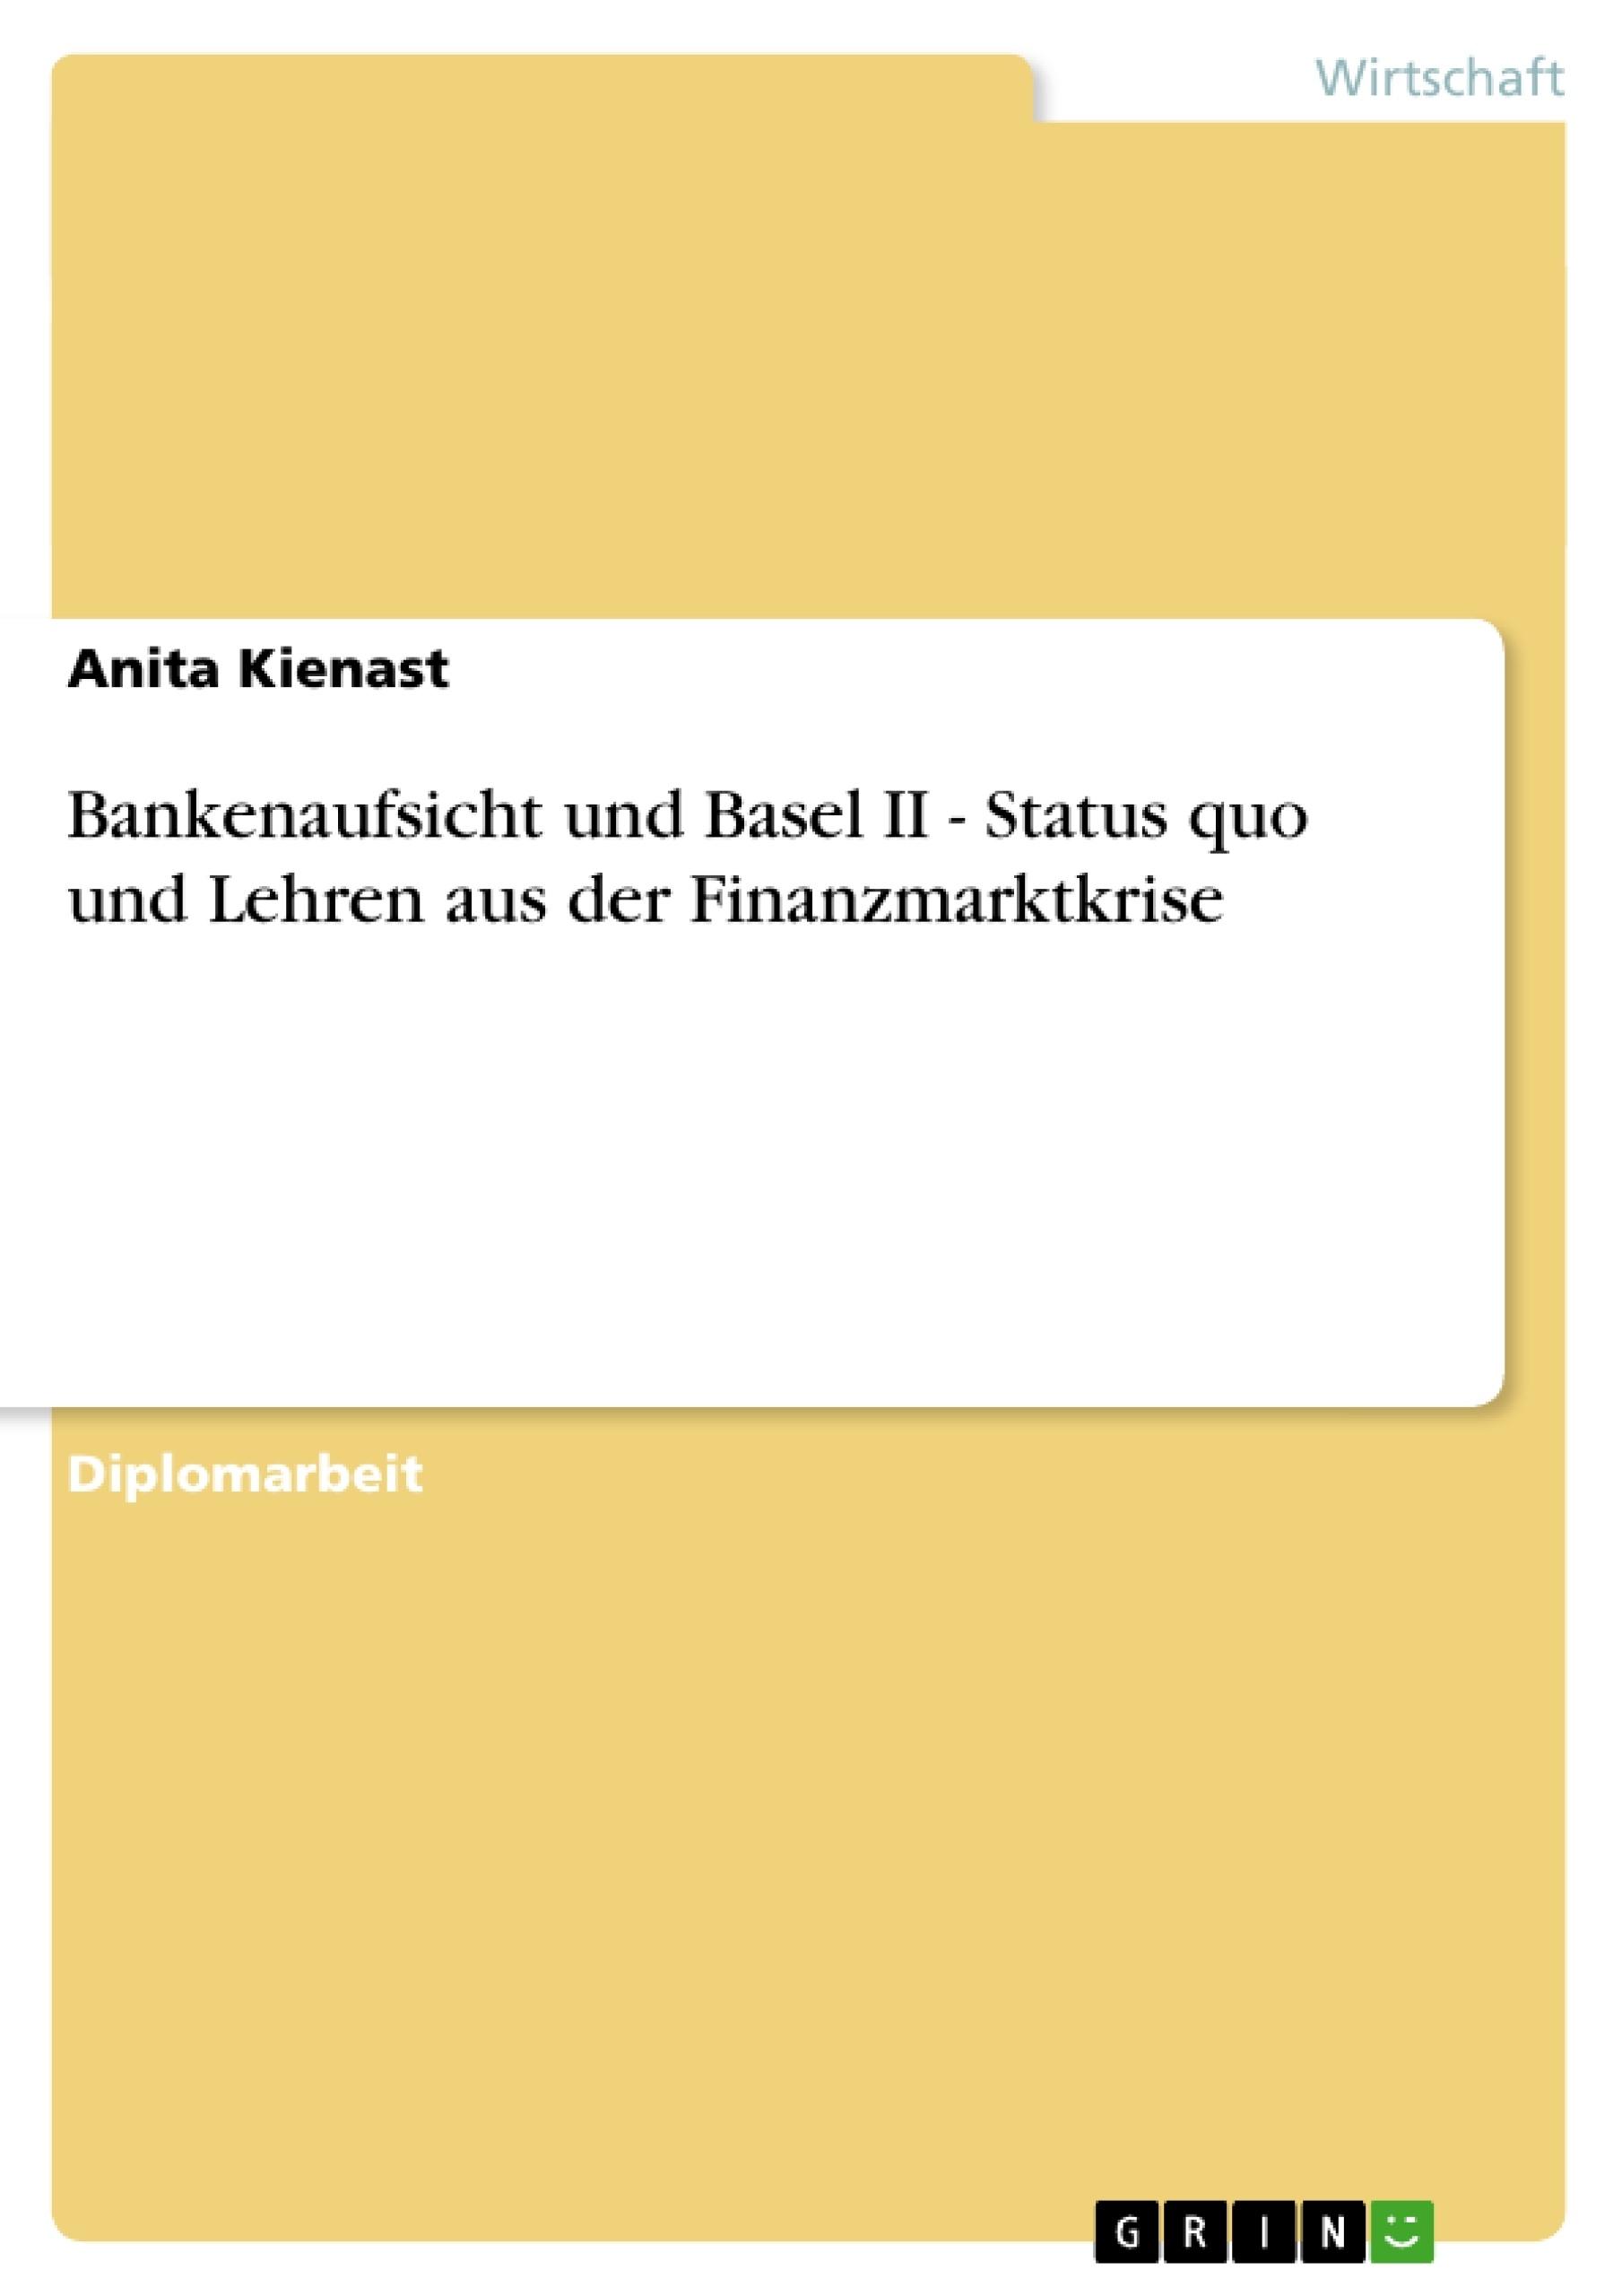 Titel: Bankenaufsicht und Basel II - Status quo und Lehren aus der Finanzmarktkrise